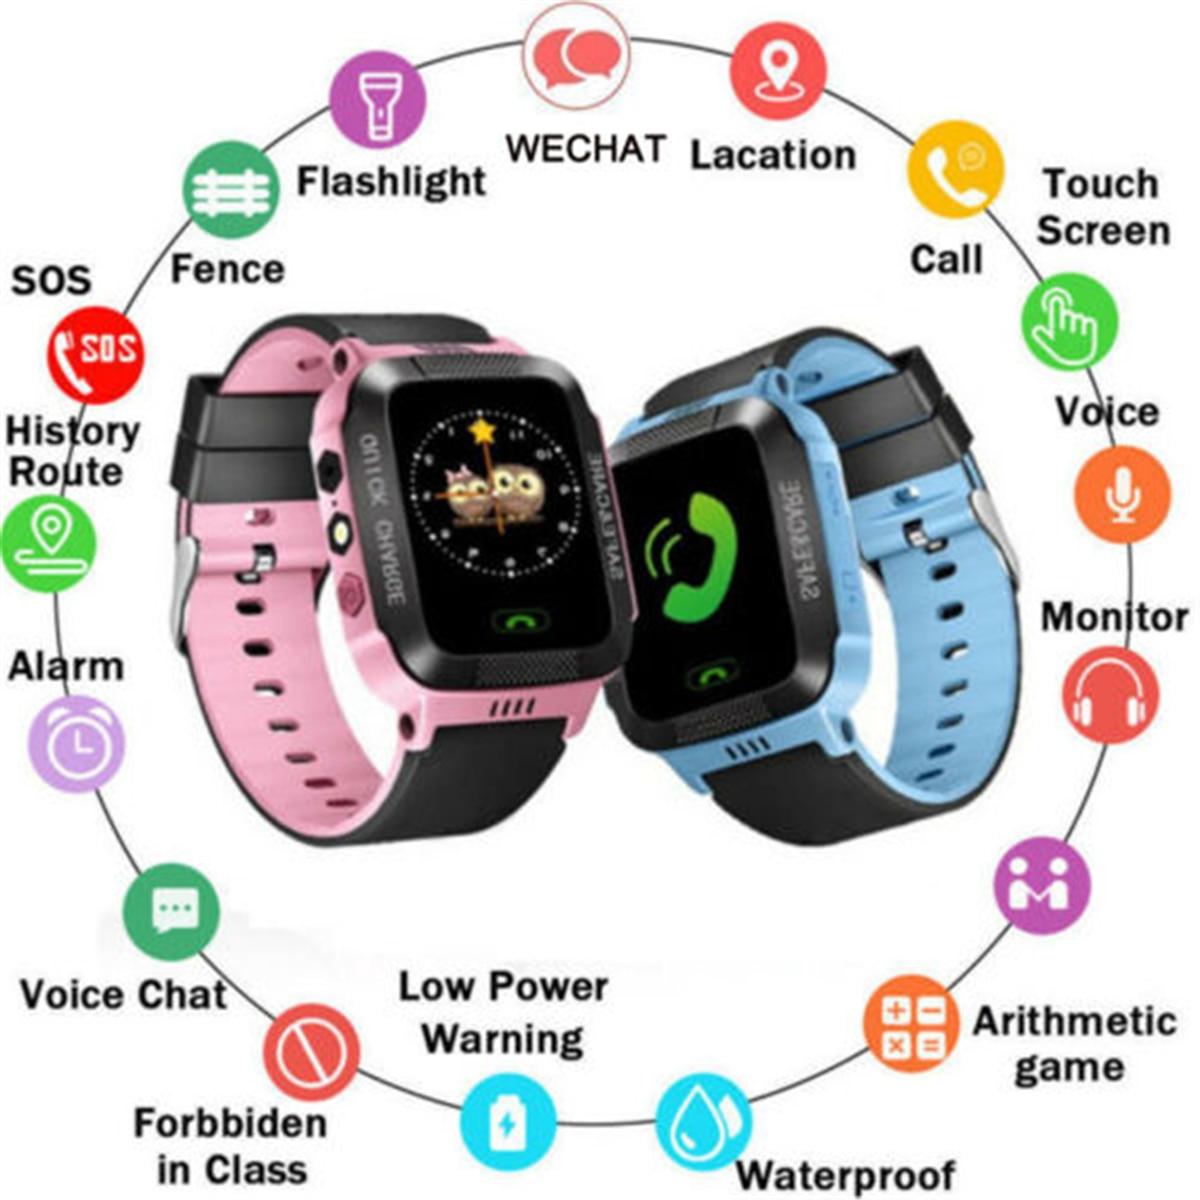 Kinder Kinder Smart Watch LBS Positioning Tracker Nicht GPS SOS Rufen Sie Sicher Anti-verloren Monitor Touch Screen Telefon Uhr schöne Geschenk